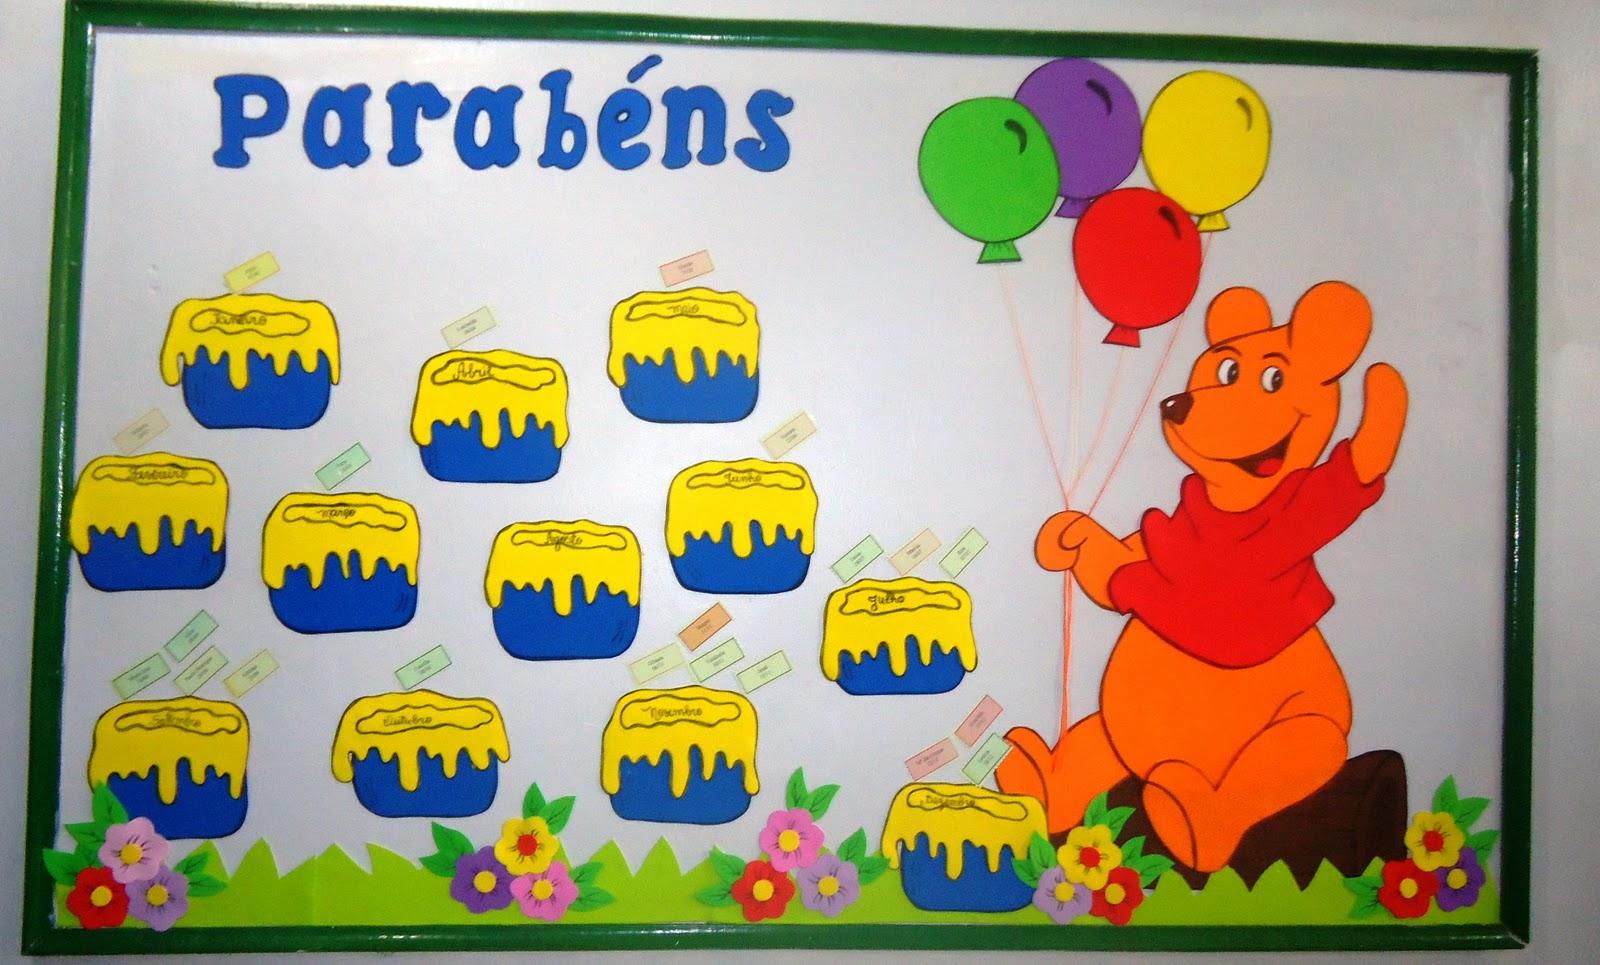 ... mural de aniversario 2011 espero que gostem e utilizem na escola de